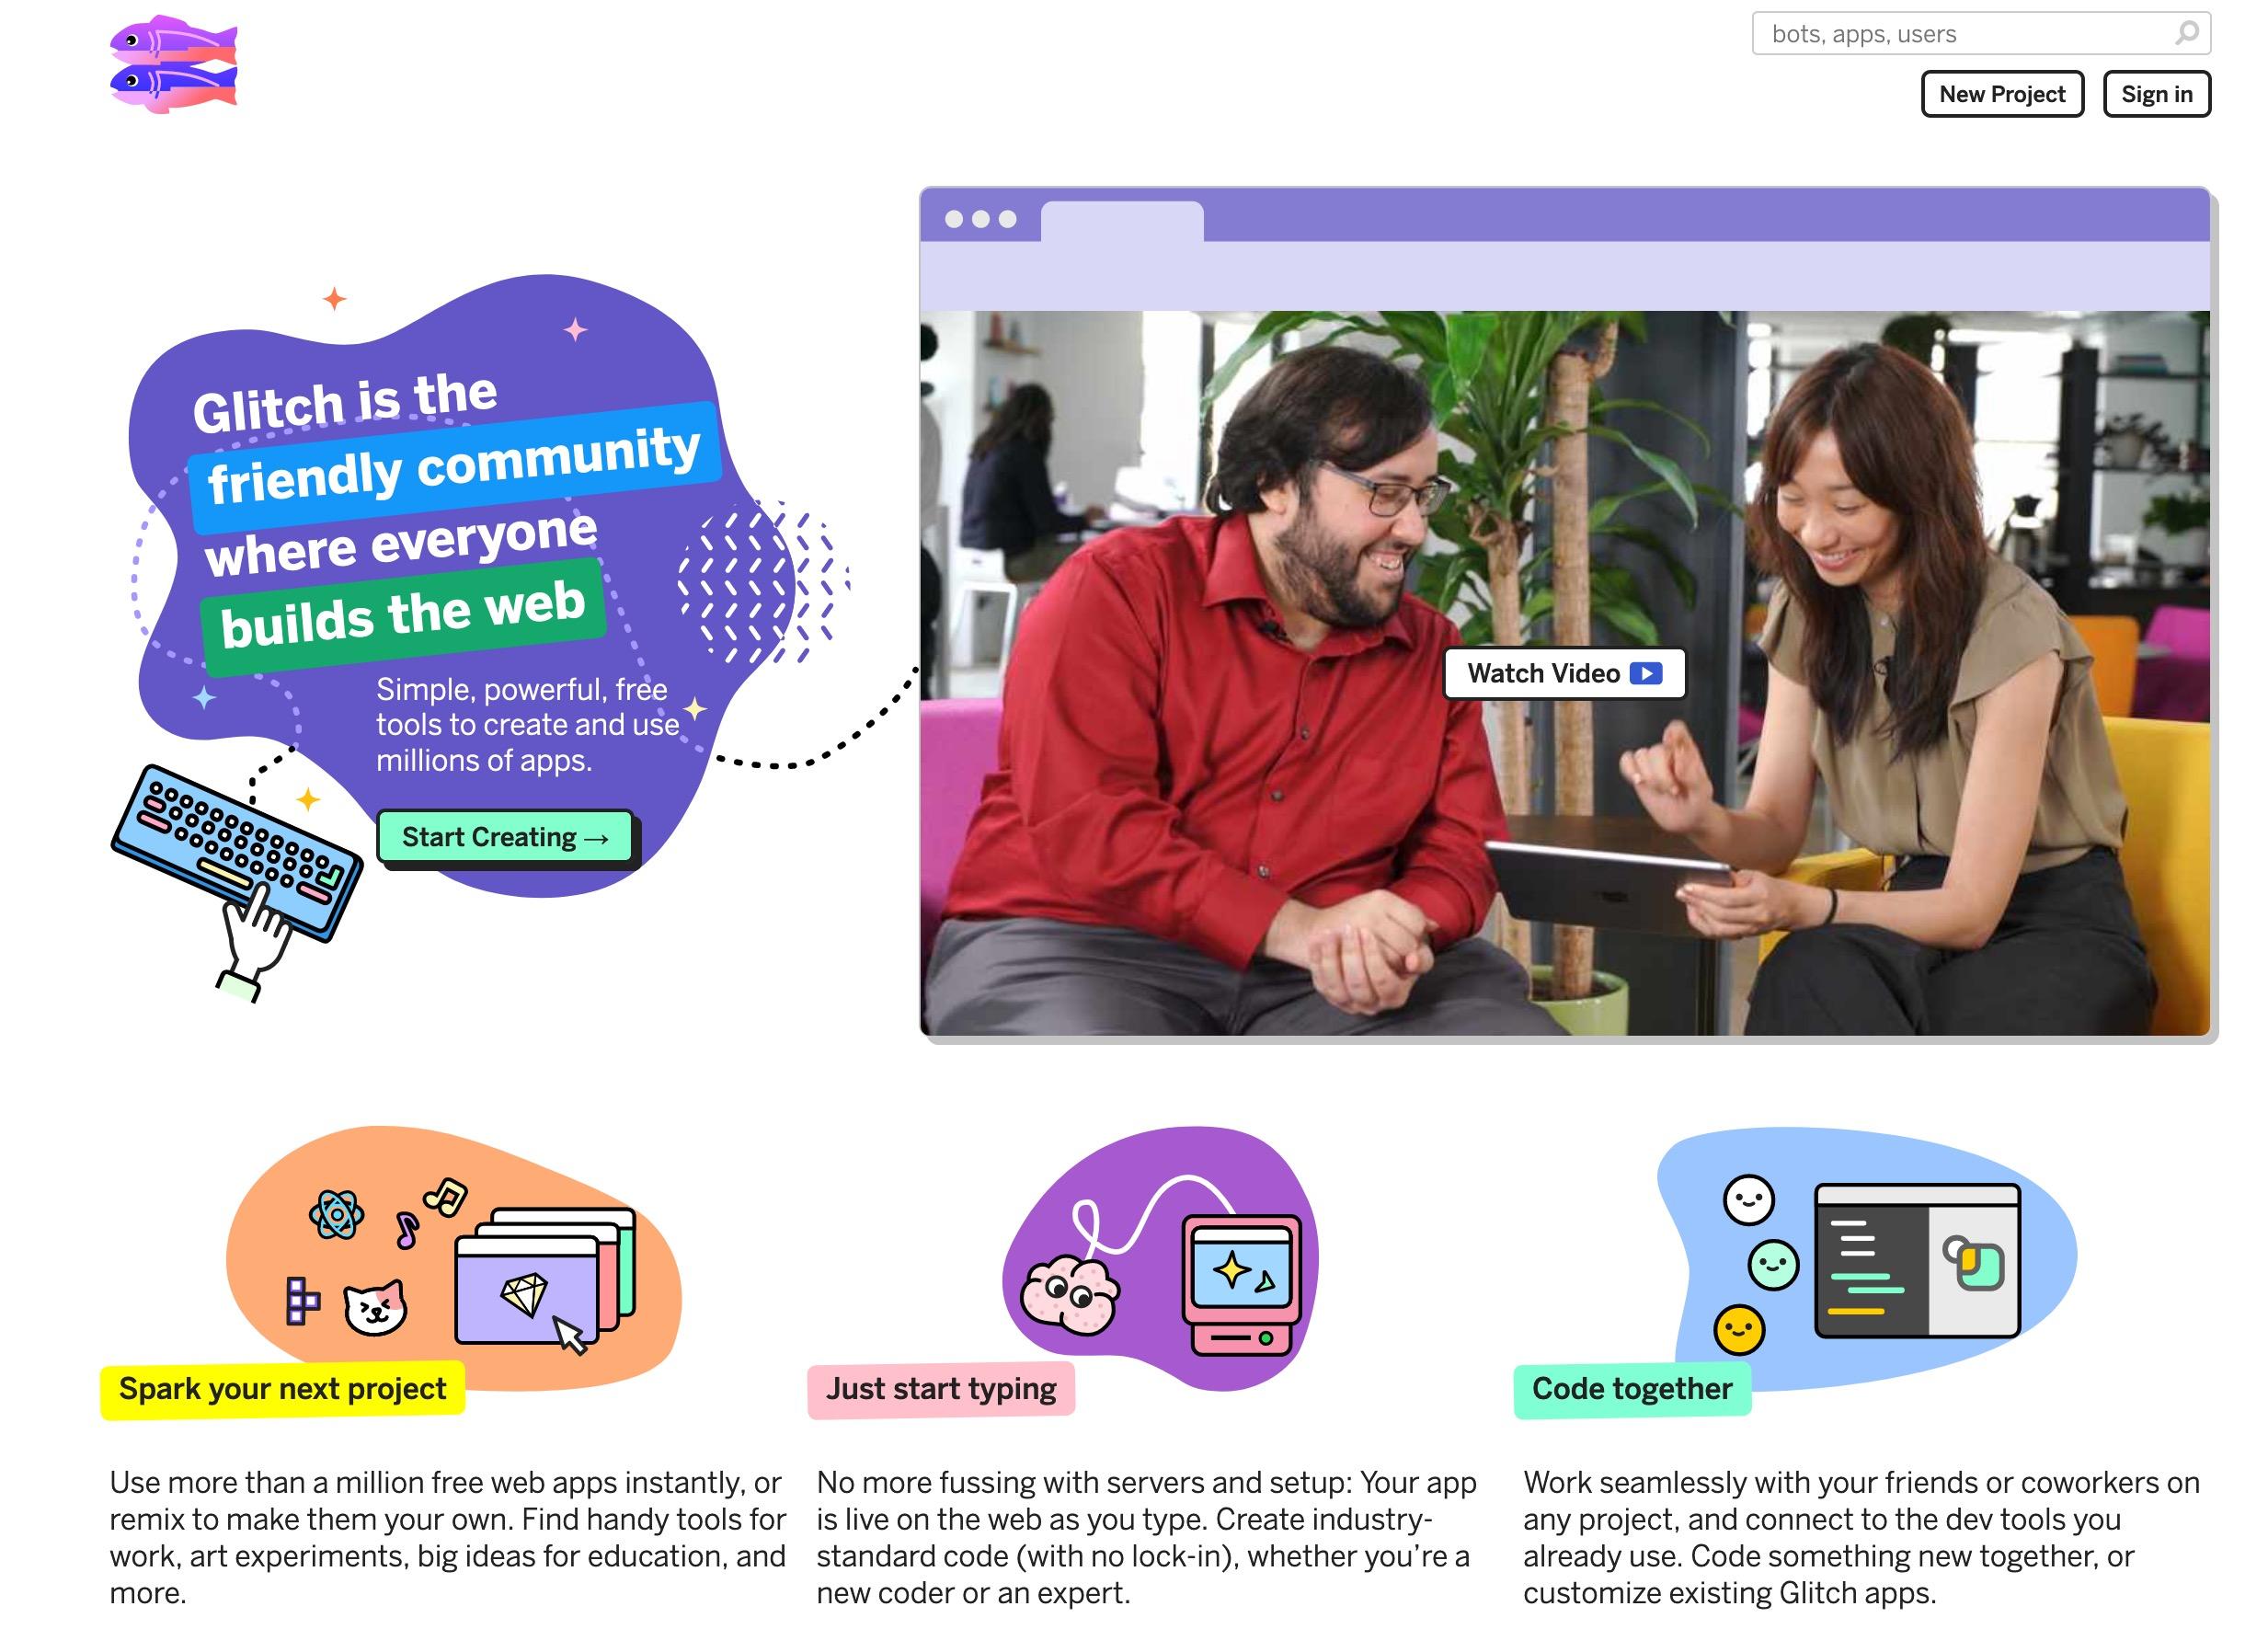 Glitch.com in July 2019